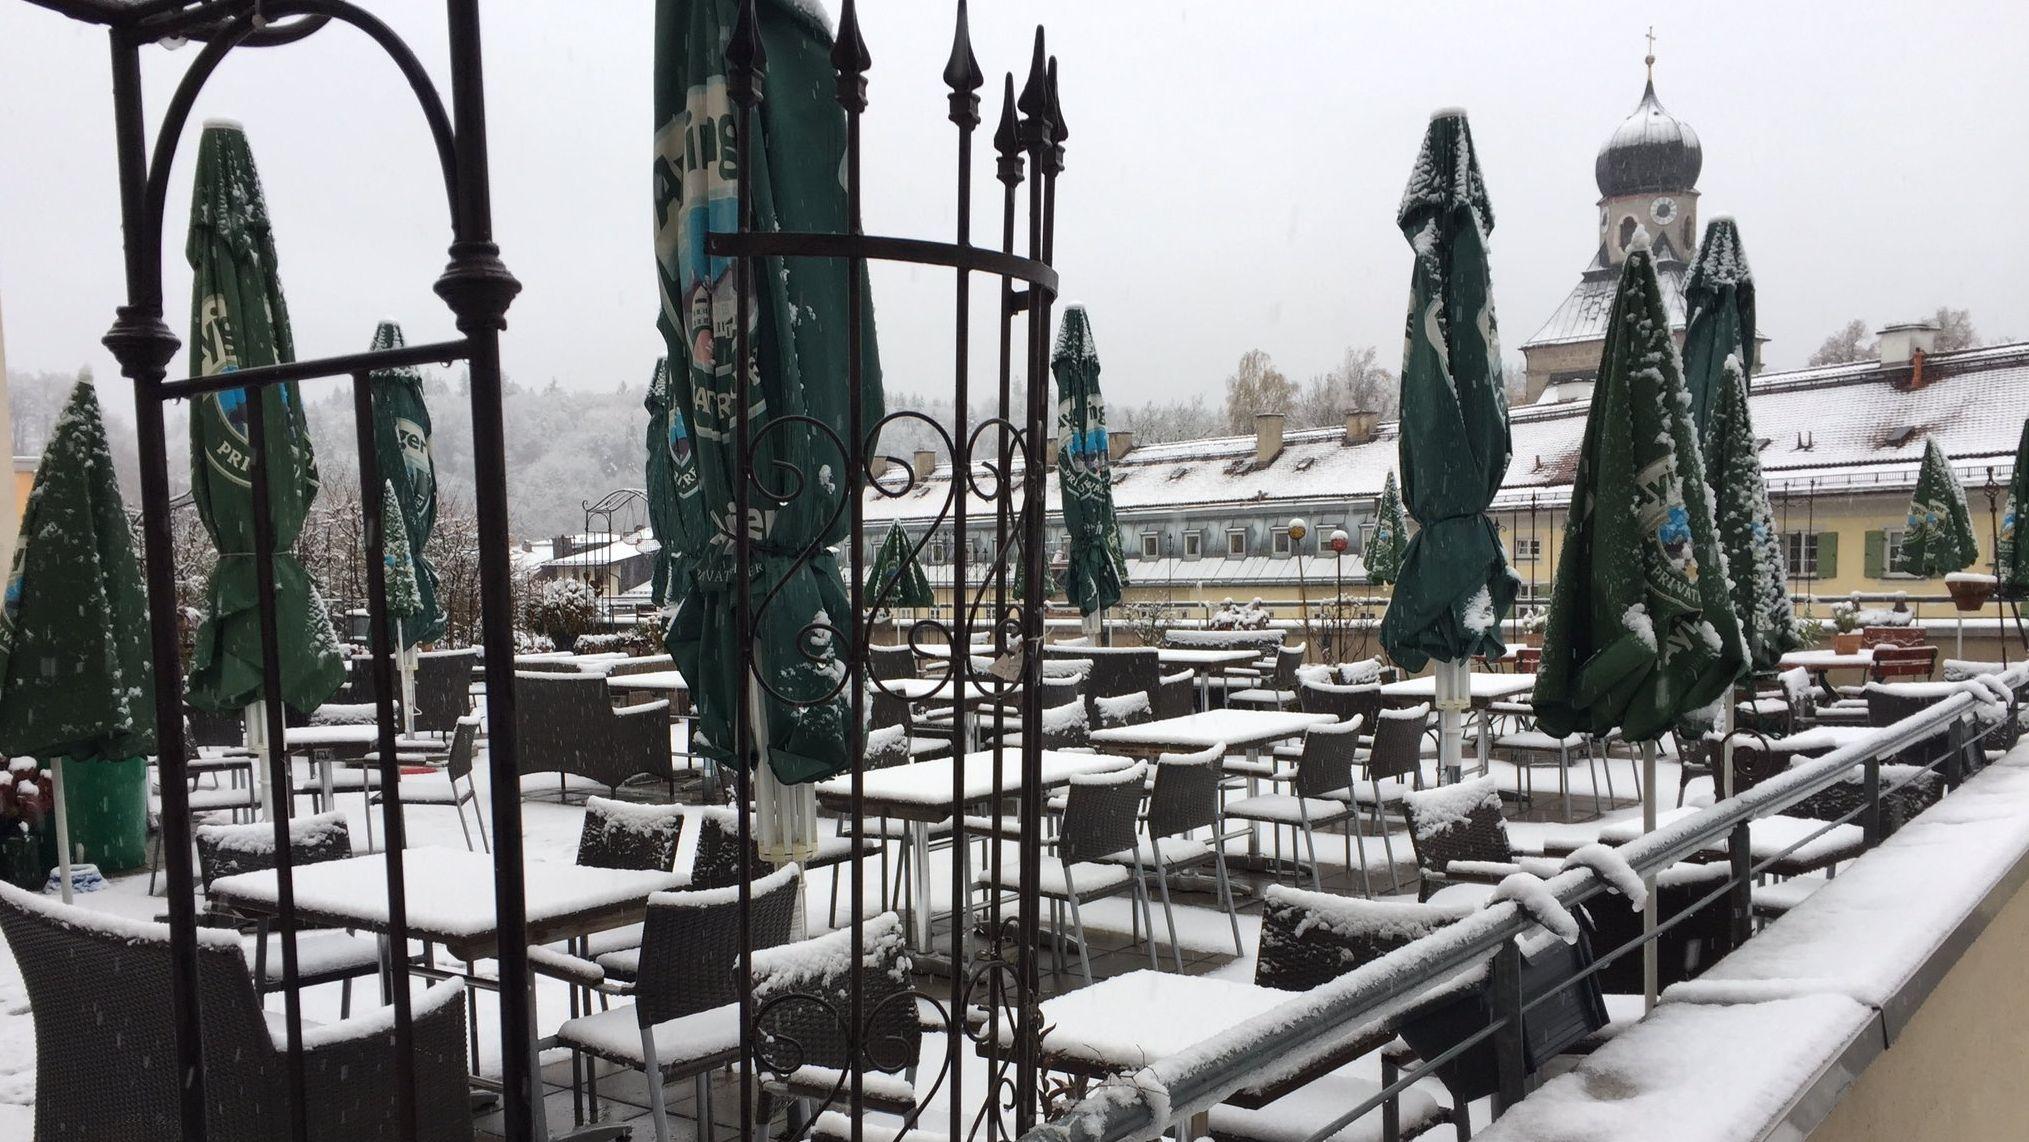 Schneebedeckte Tische und Stühle auf der Terrasse eines Gasthauses in Traunstein